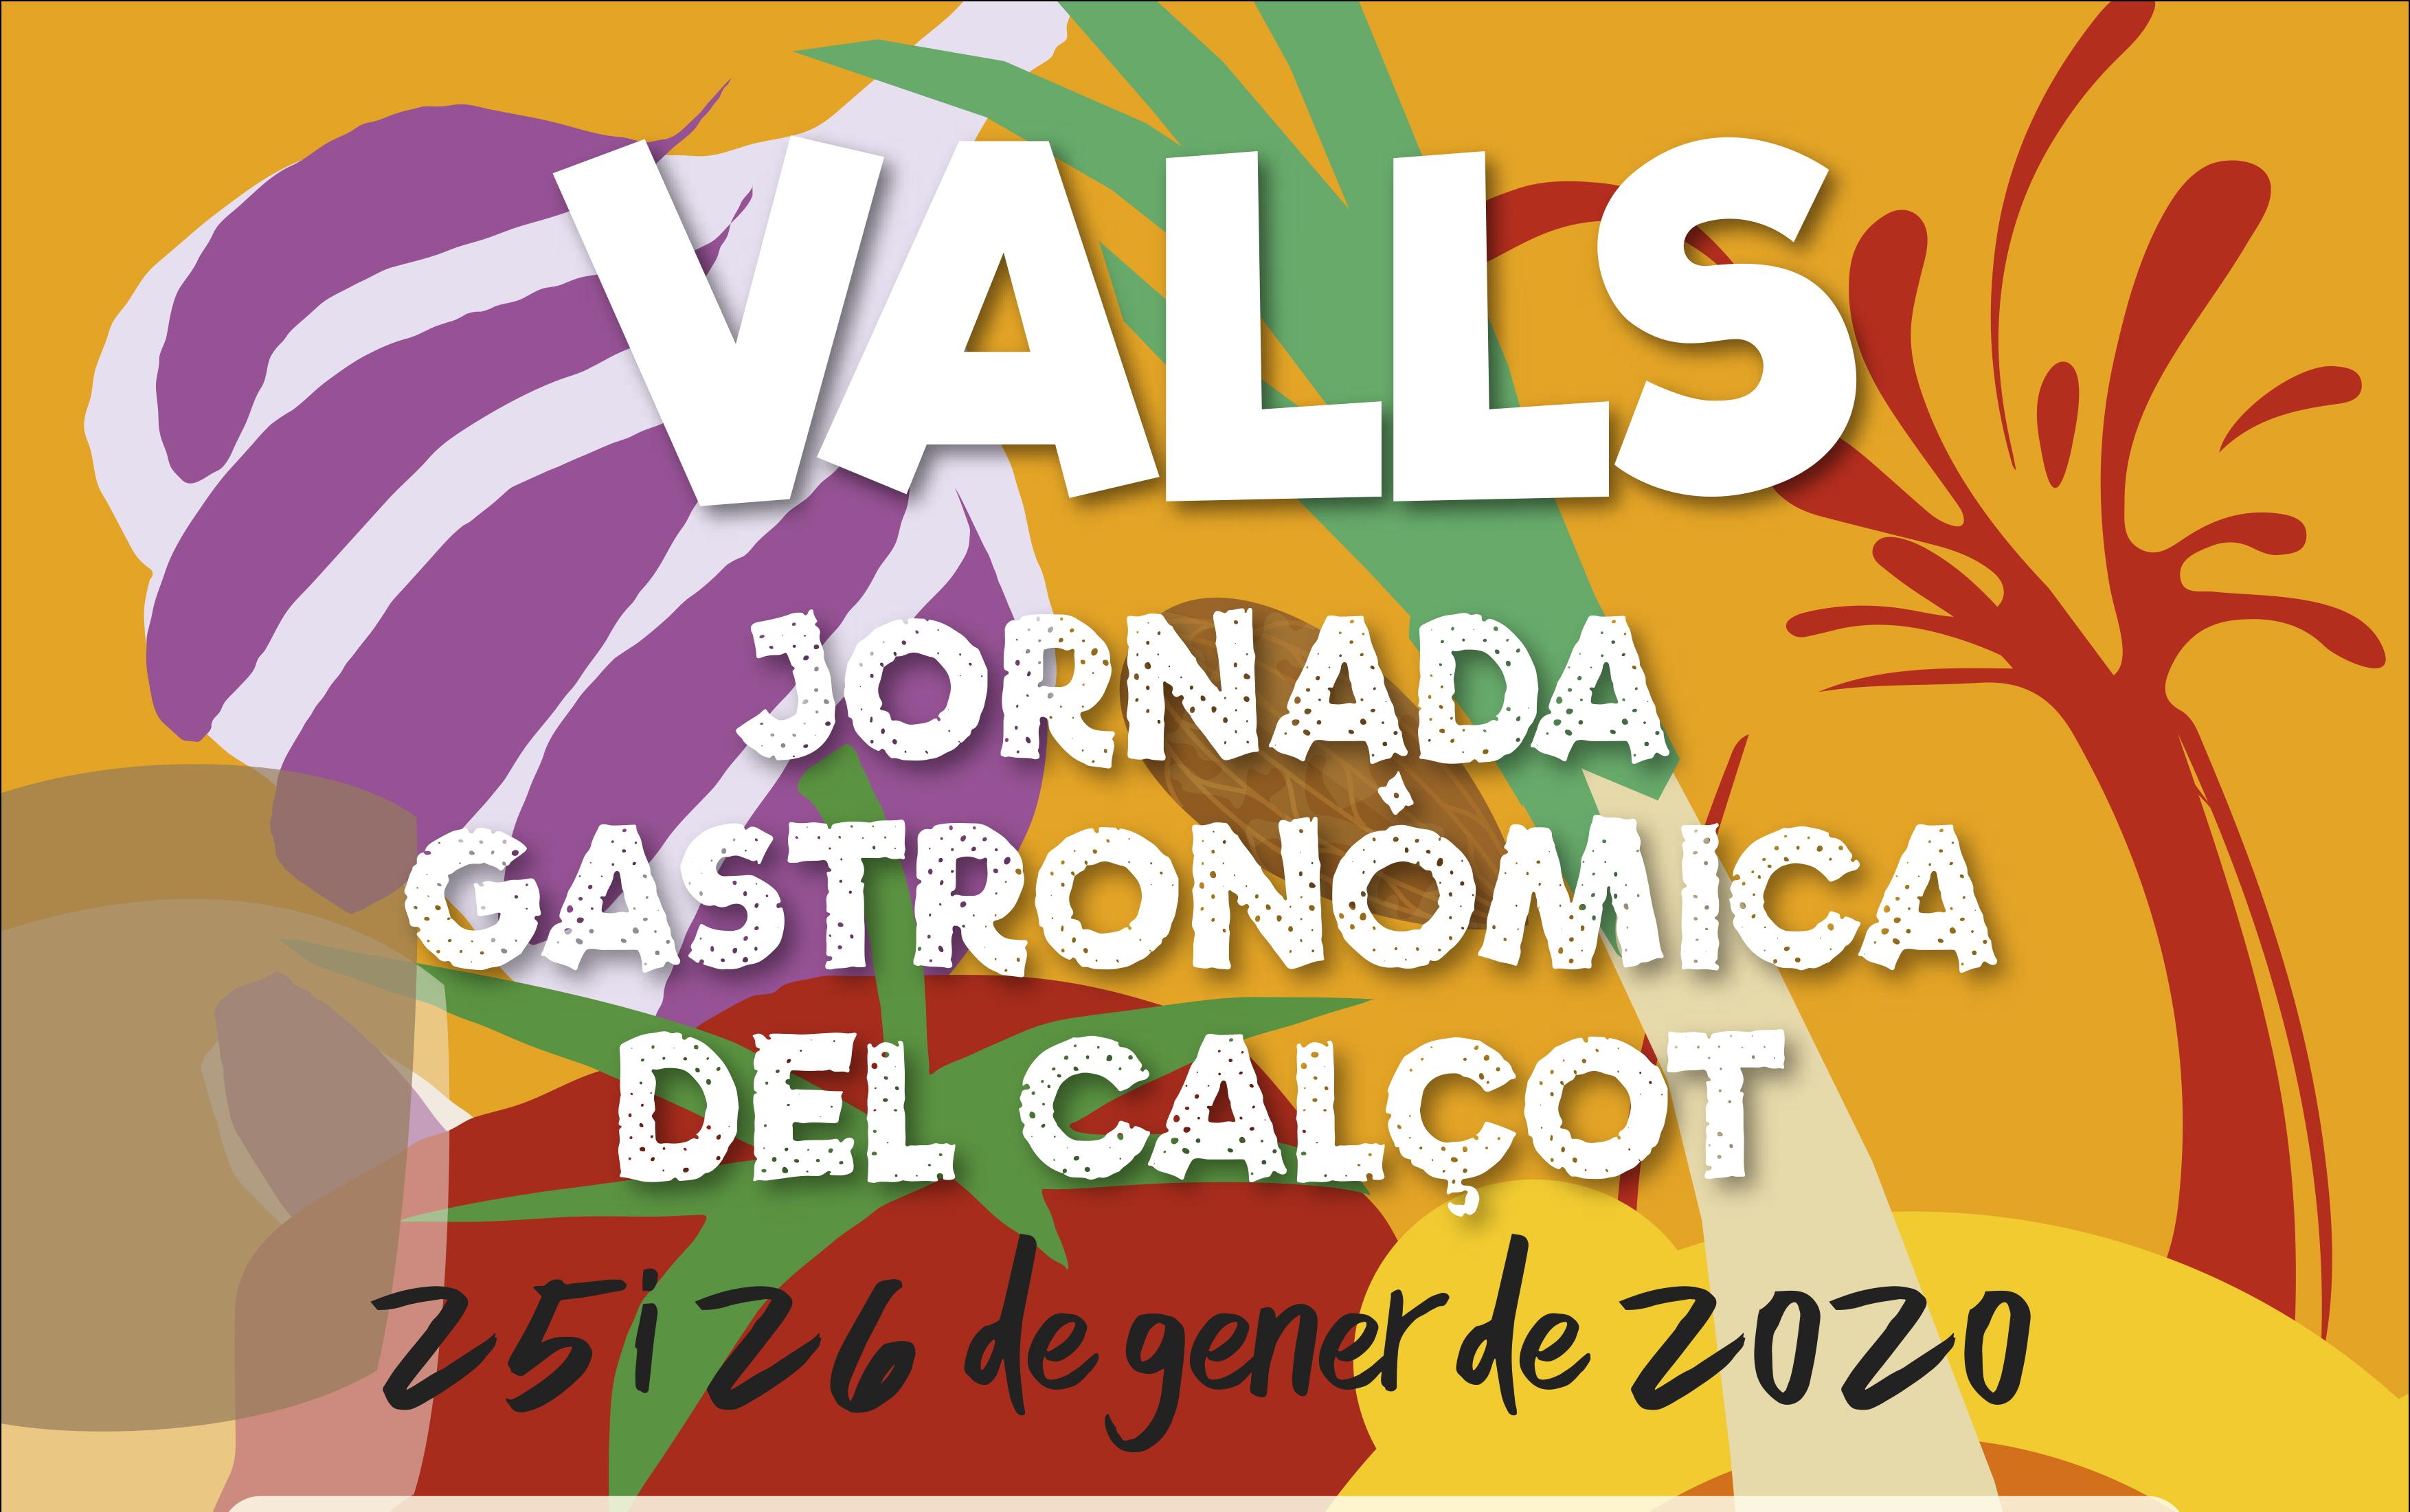 El calçot, protagonista en Valls